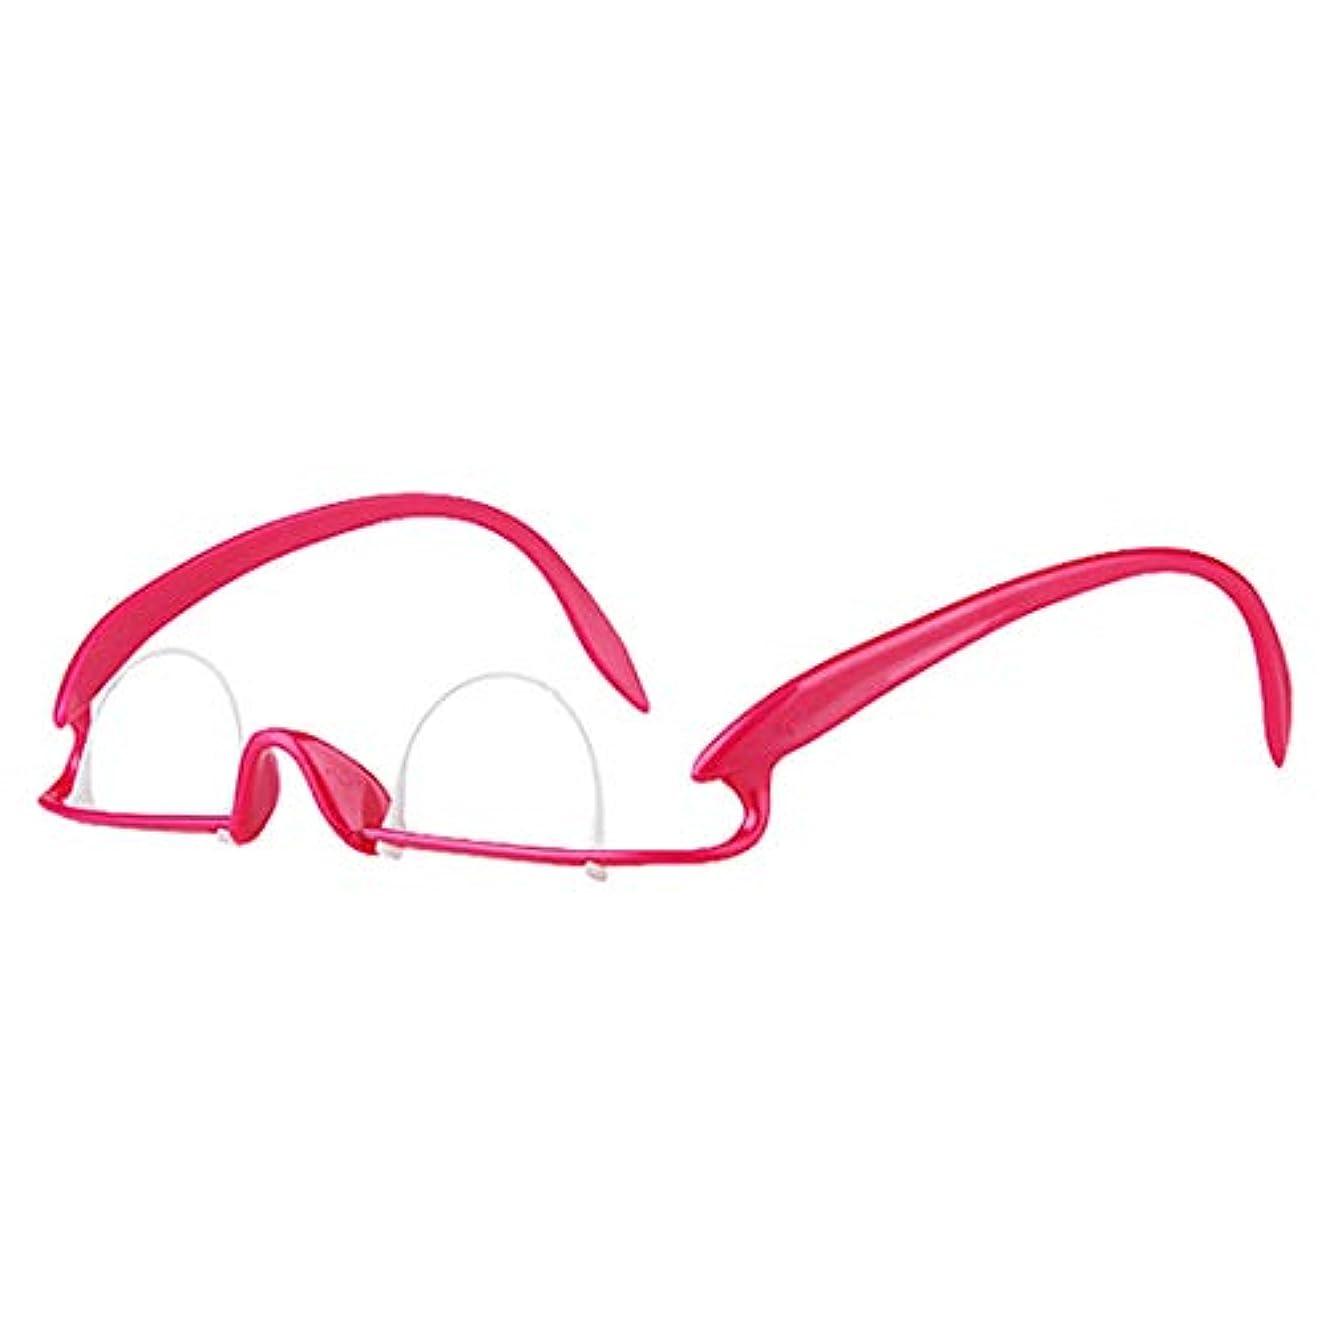 ヘルパー失望させる新しい意味億騰 二重まぶた用メガネ 二重まぶた運動 二重まぶた形成 二重まぶた運動器 メガネトレーナー